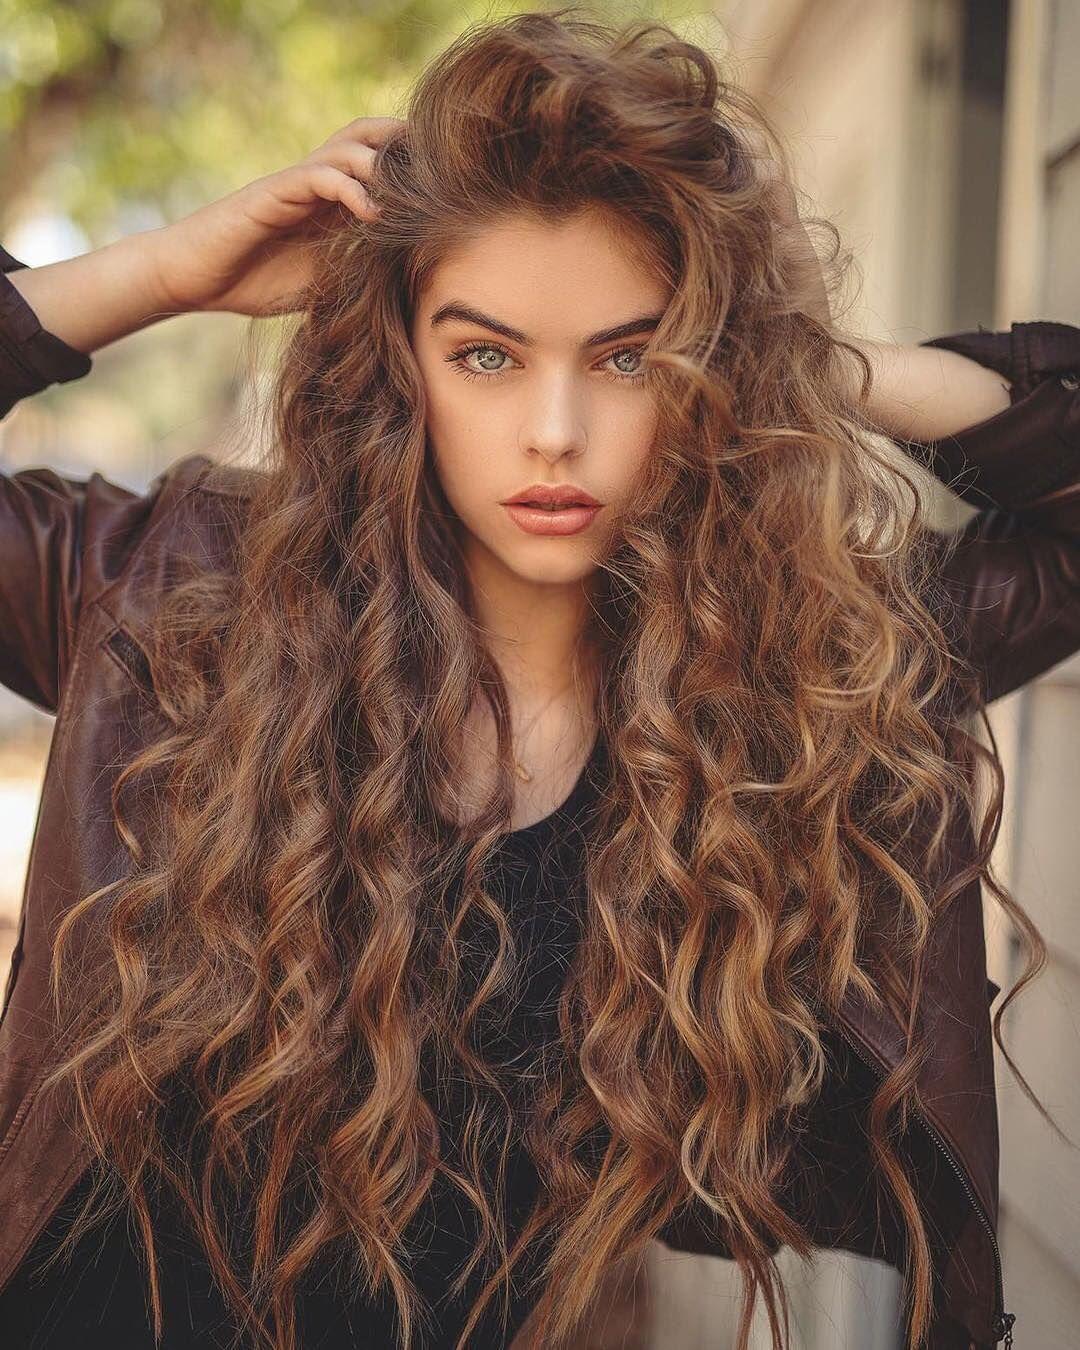 ondas no cabelo